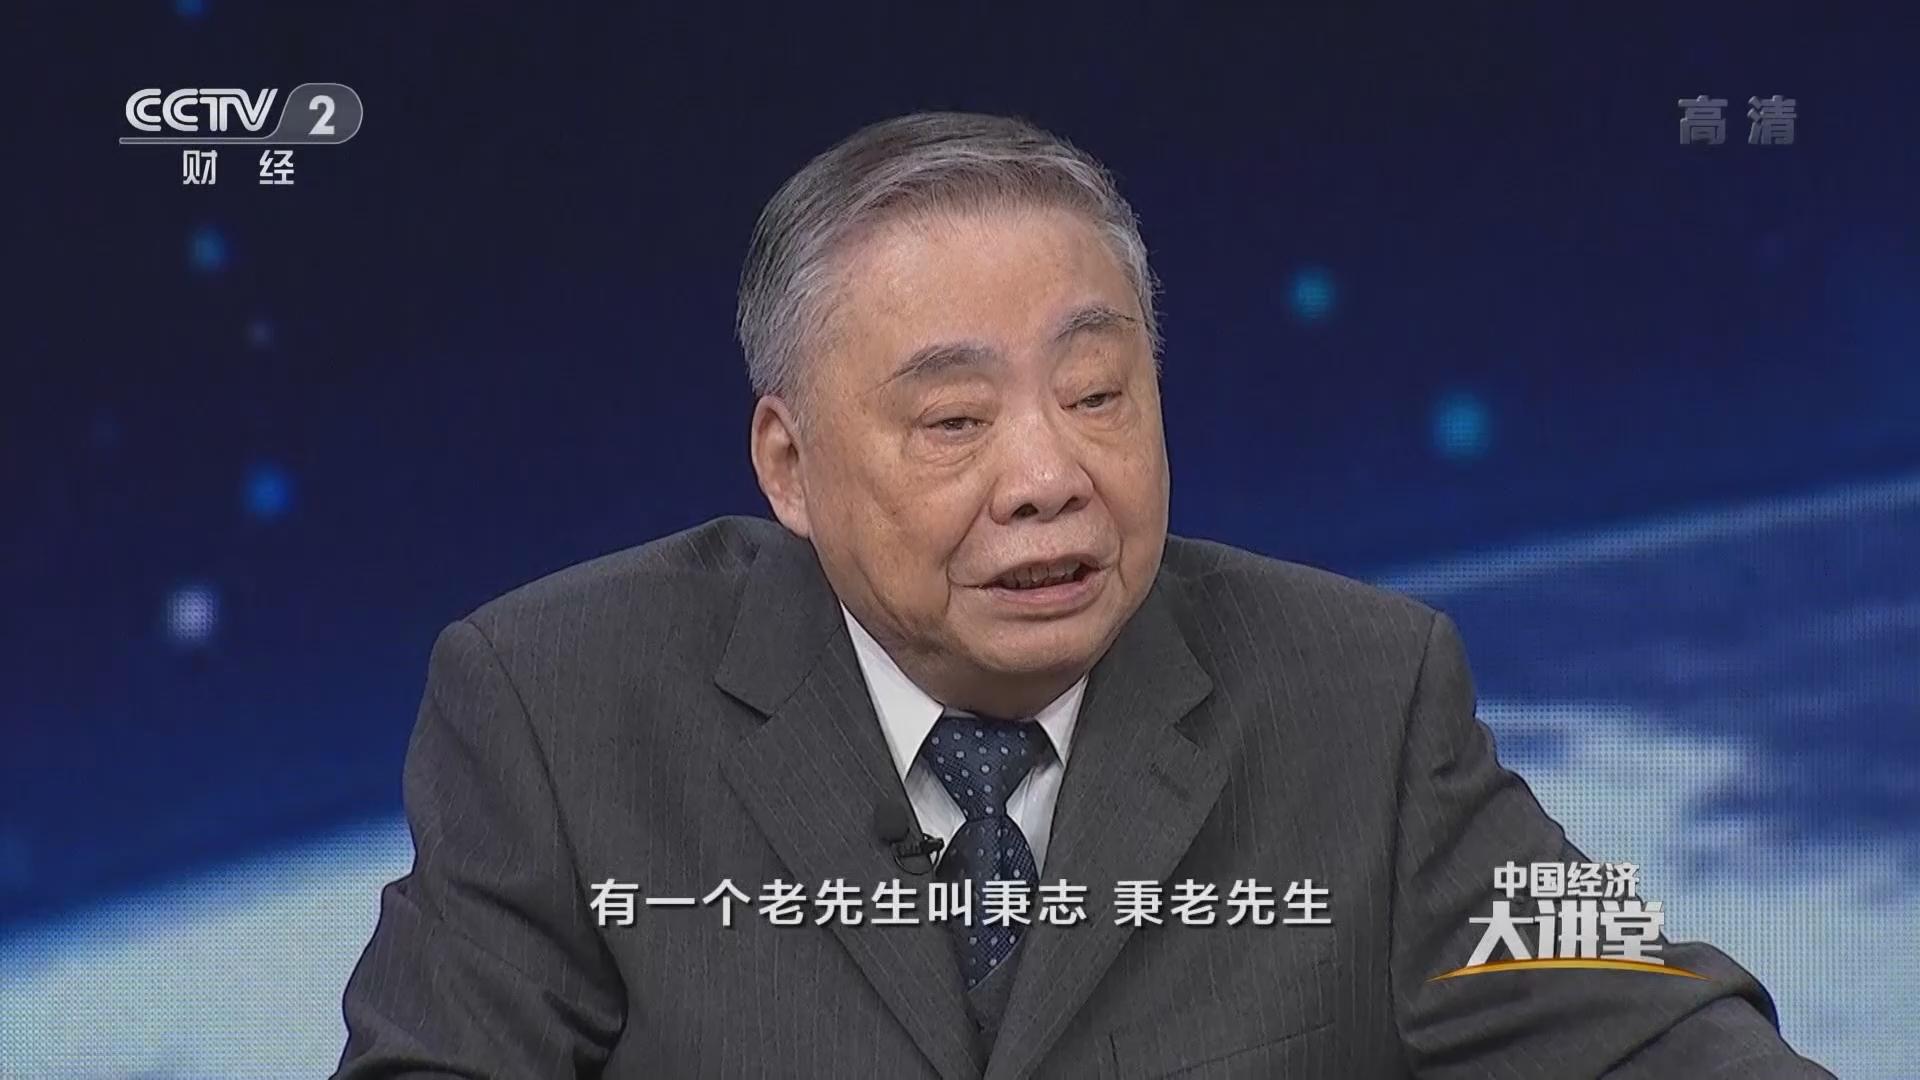 《中国经济大讲堂》 20210926 如何读懂长江十年禁渔?